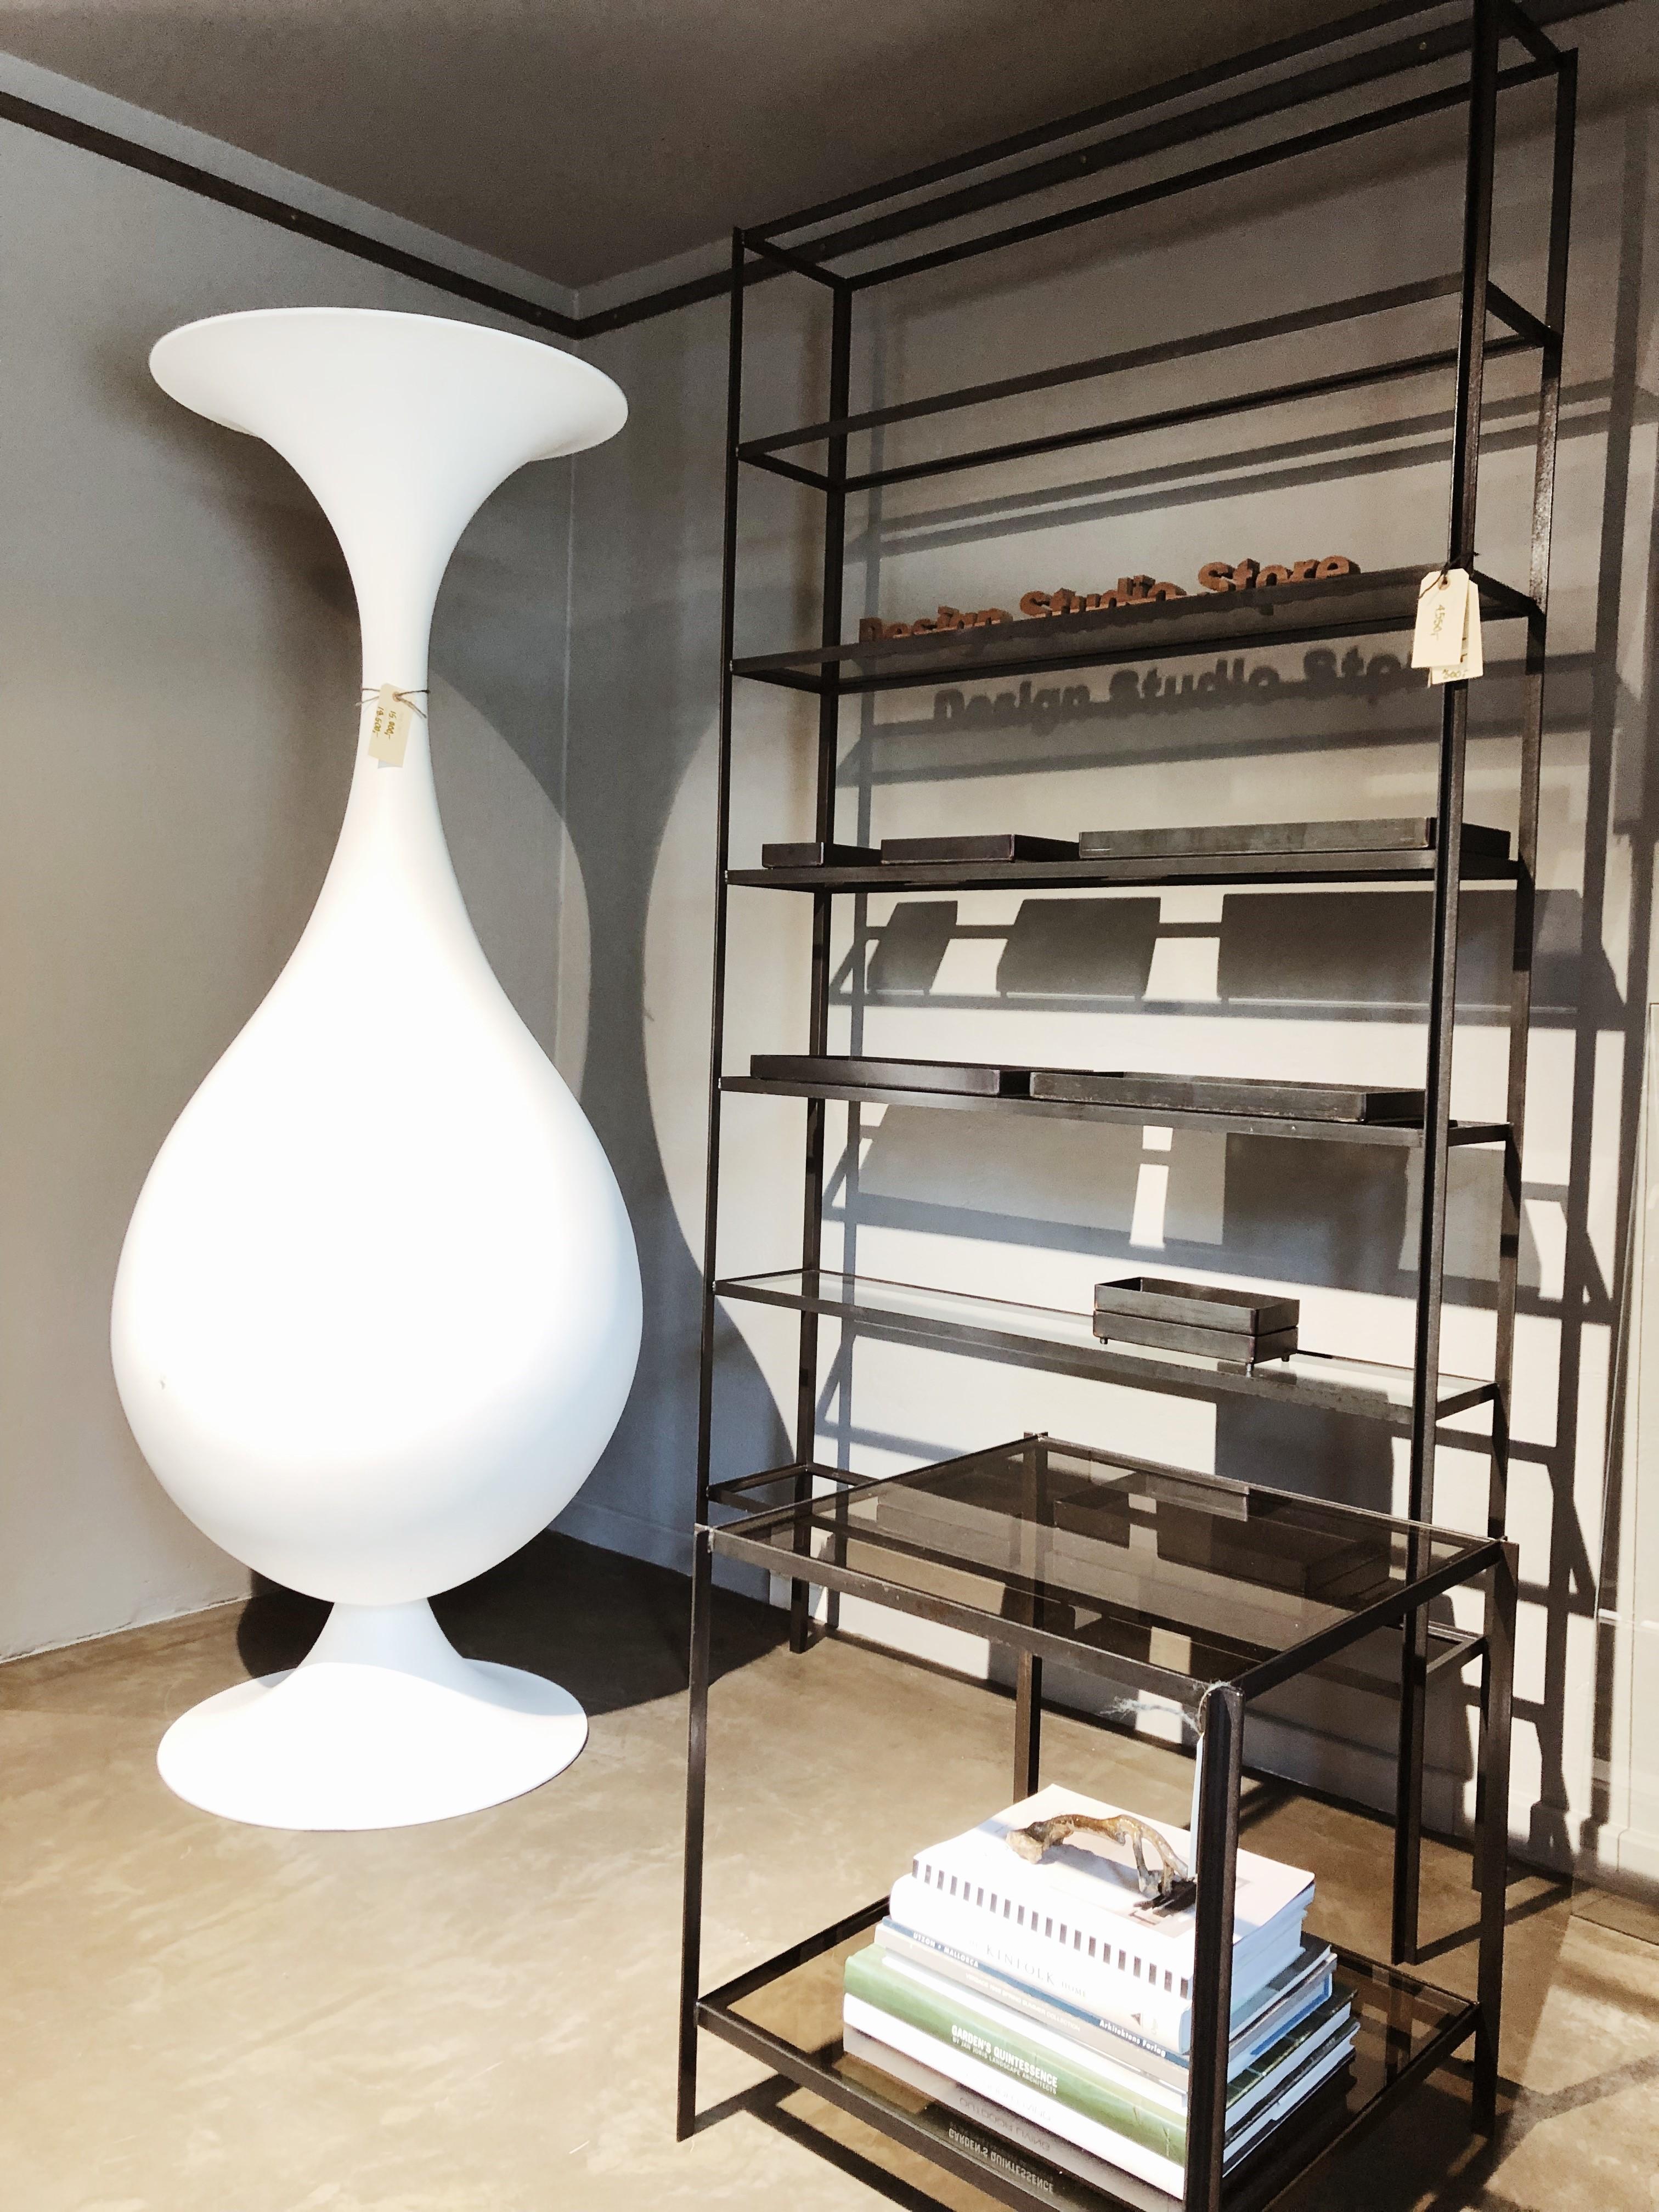 Desig - Studio Store